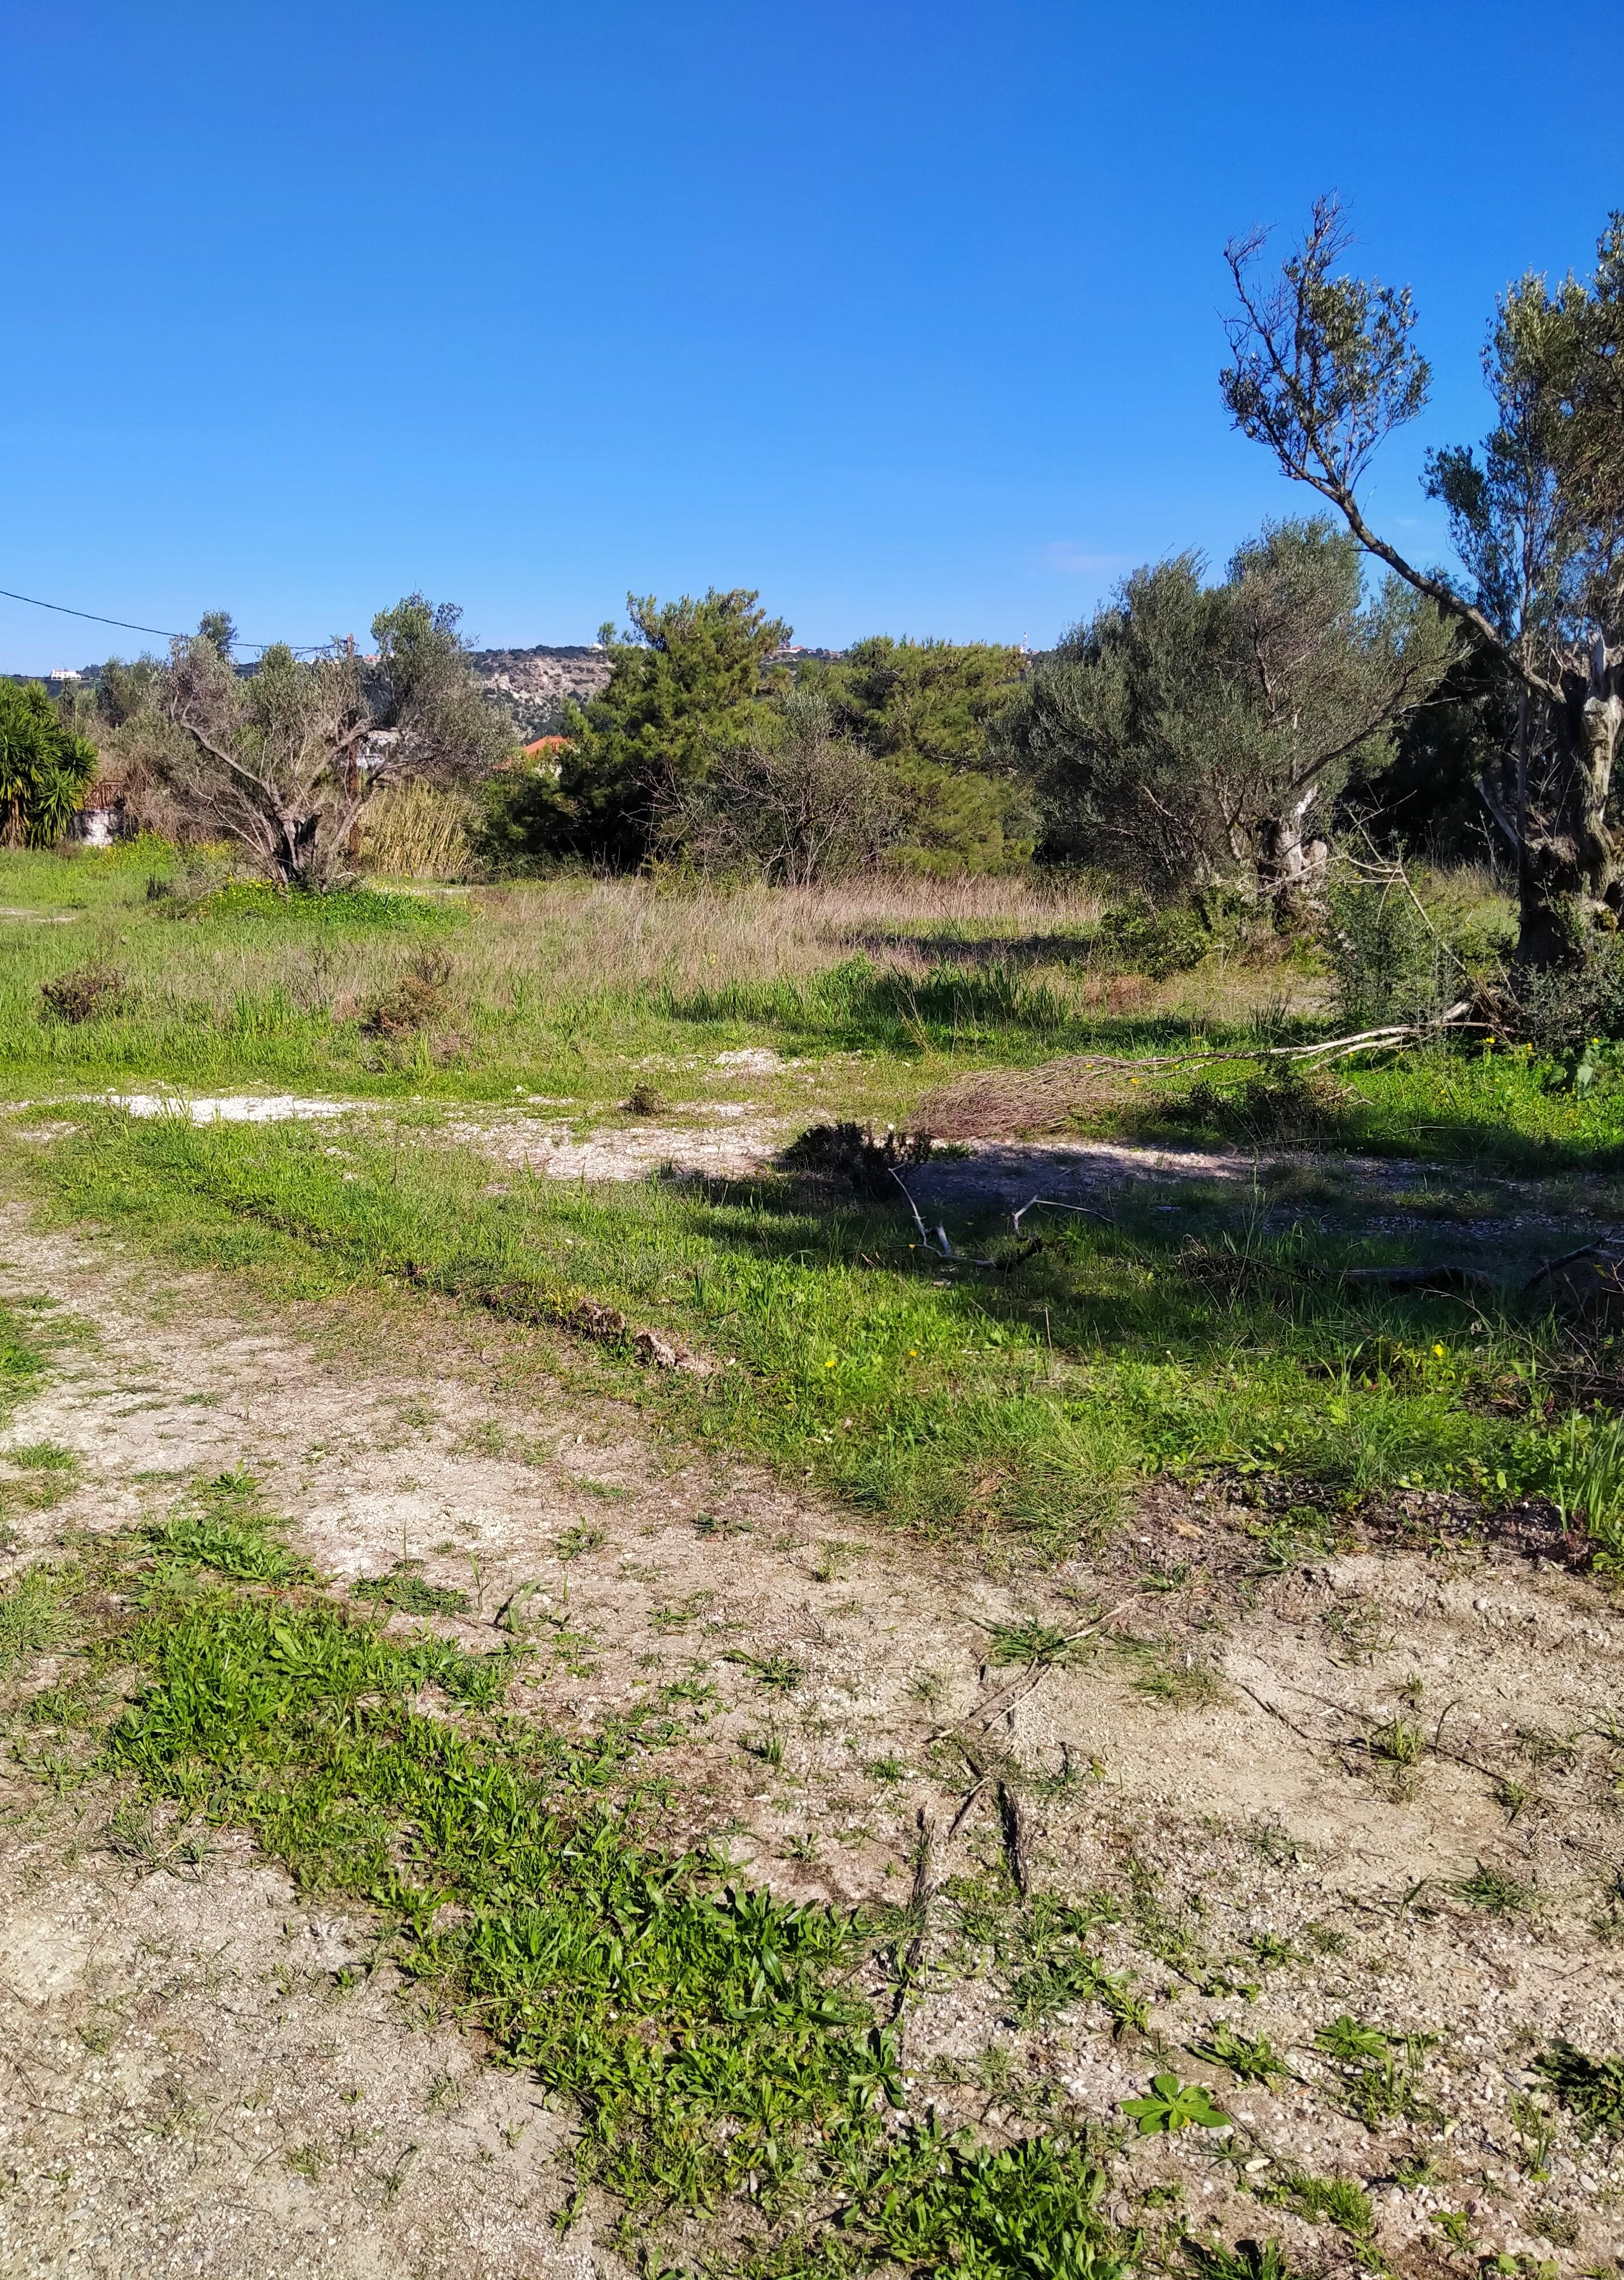 Αγροτεμάχιο κοντά  στη Ρόδου – Λίνδου και στο Κολέγιο Ρόδου, OIK-3765987